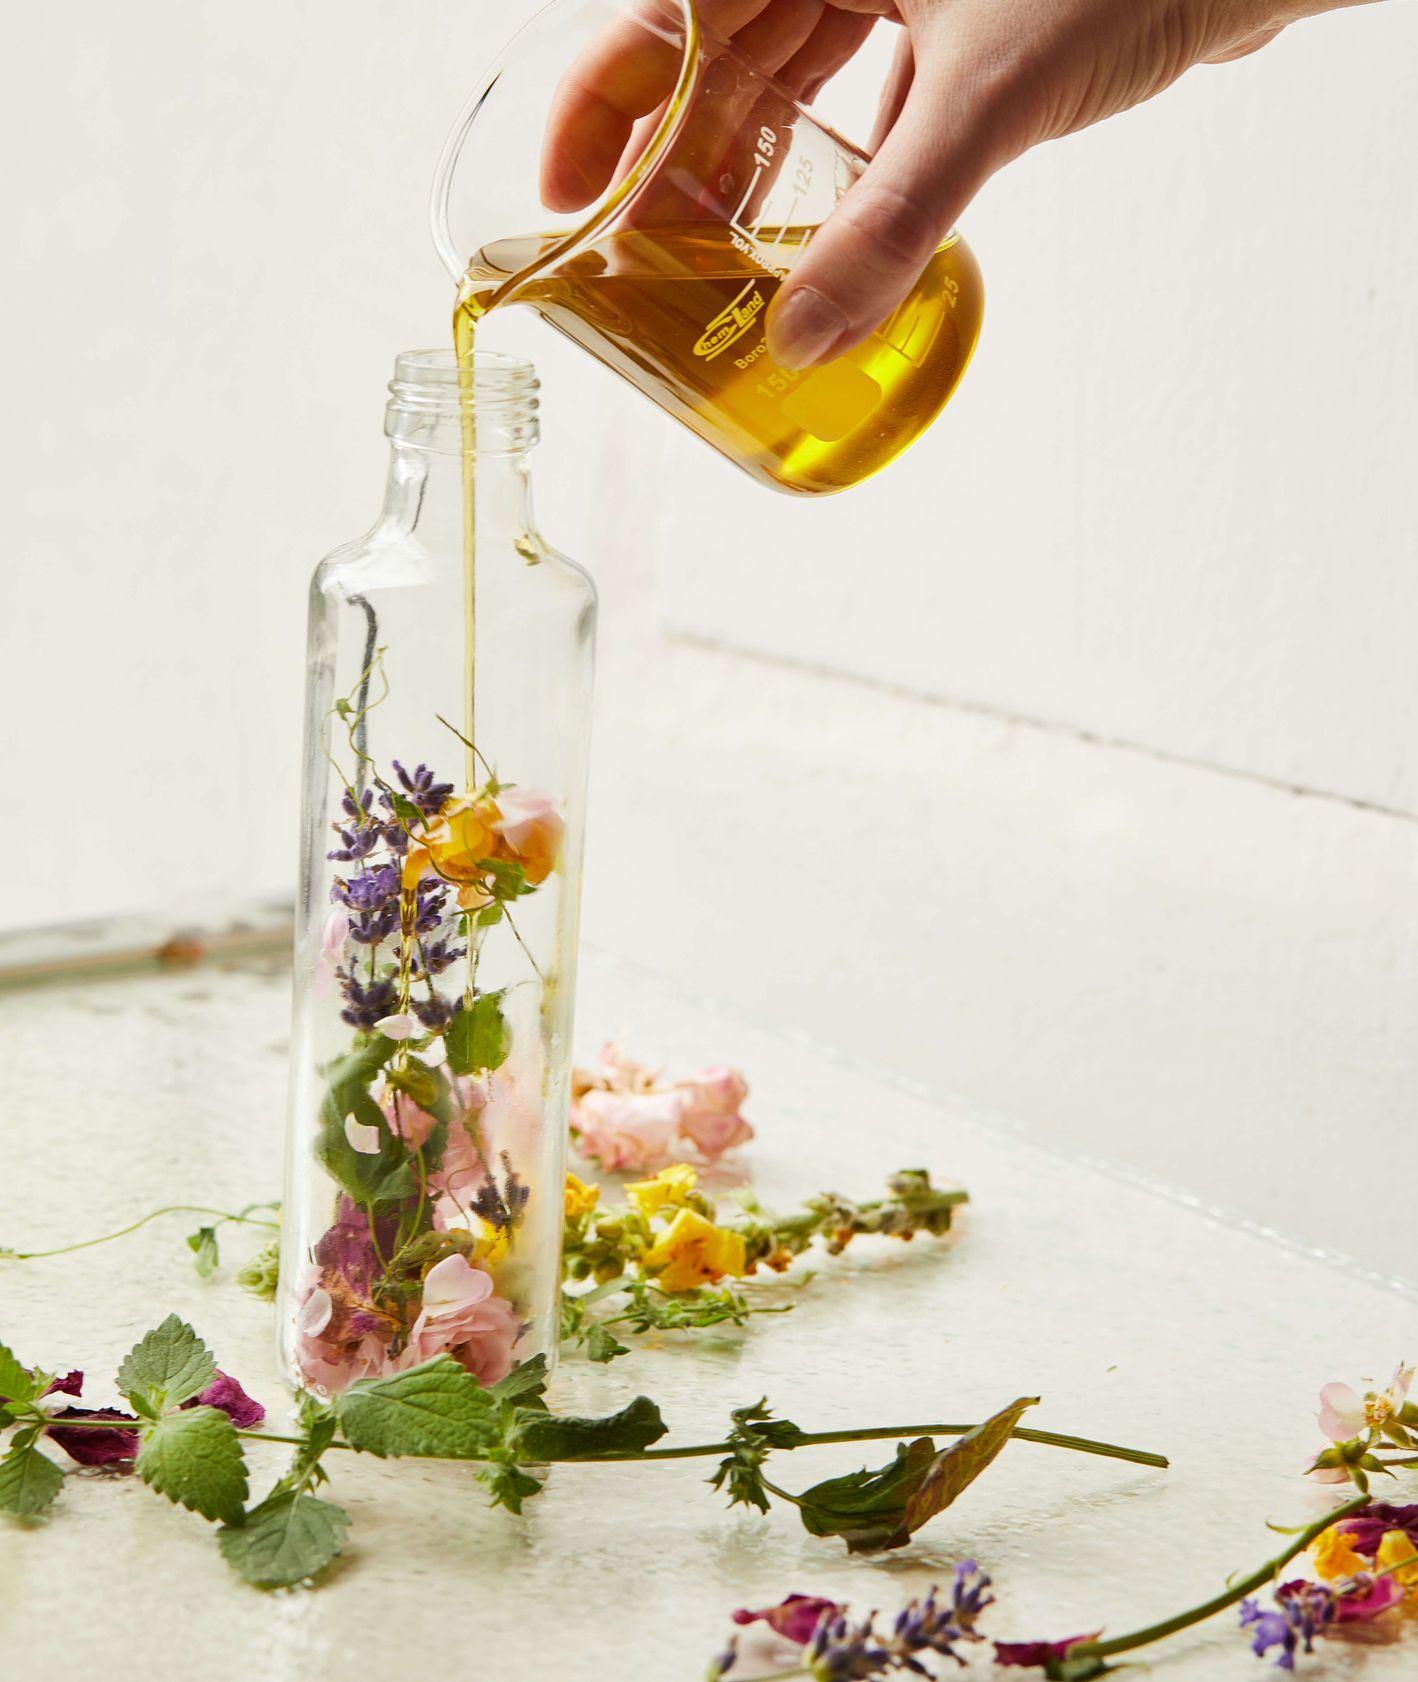 Maceracja kwiatów i ziół sezonu letniego – róża, lawenda, dziewanna i mięta zalewane oliwą.